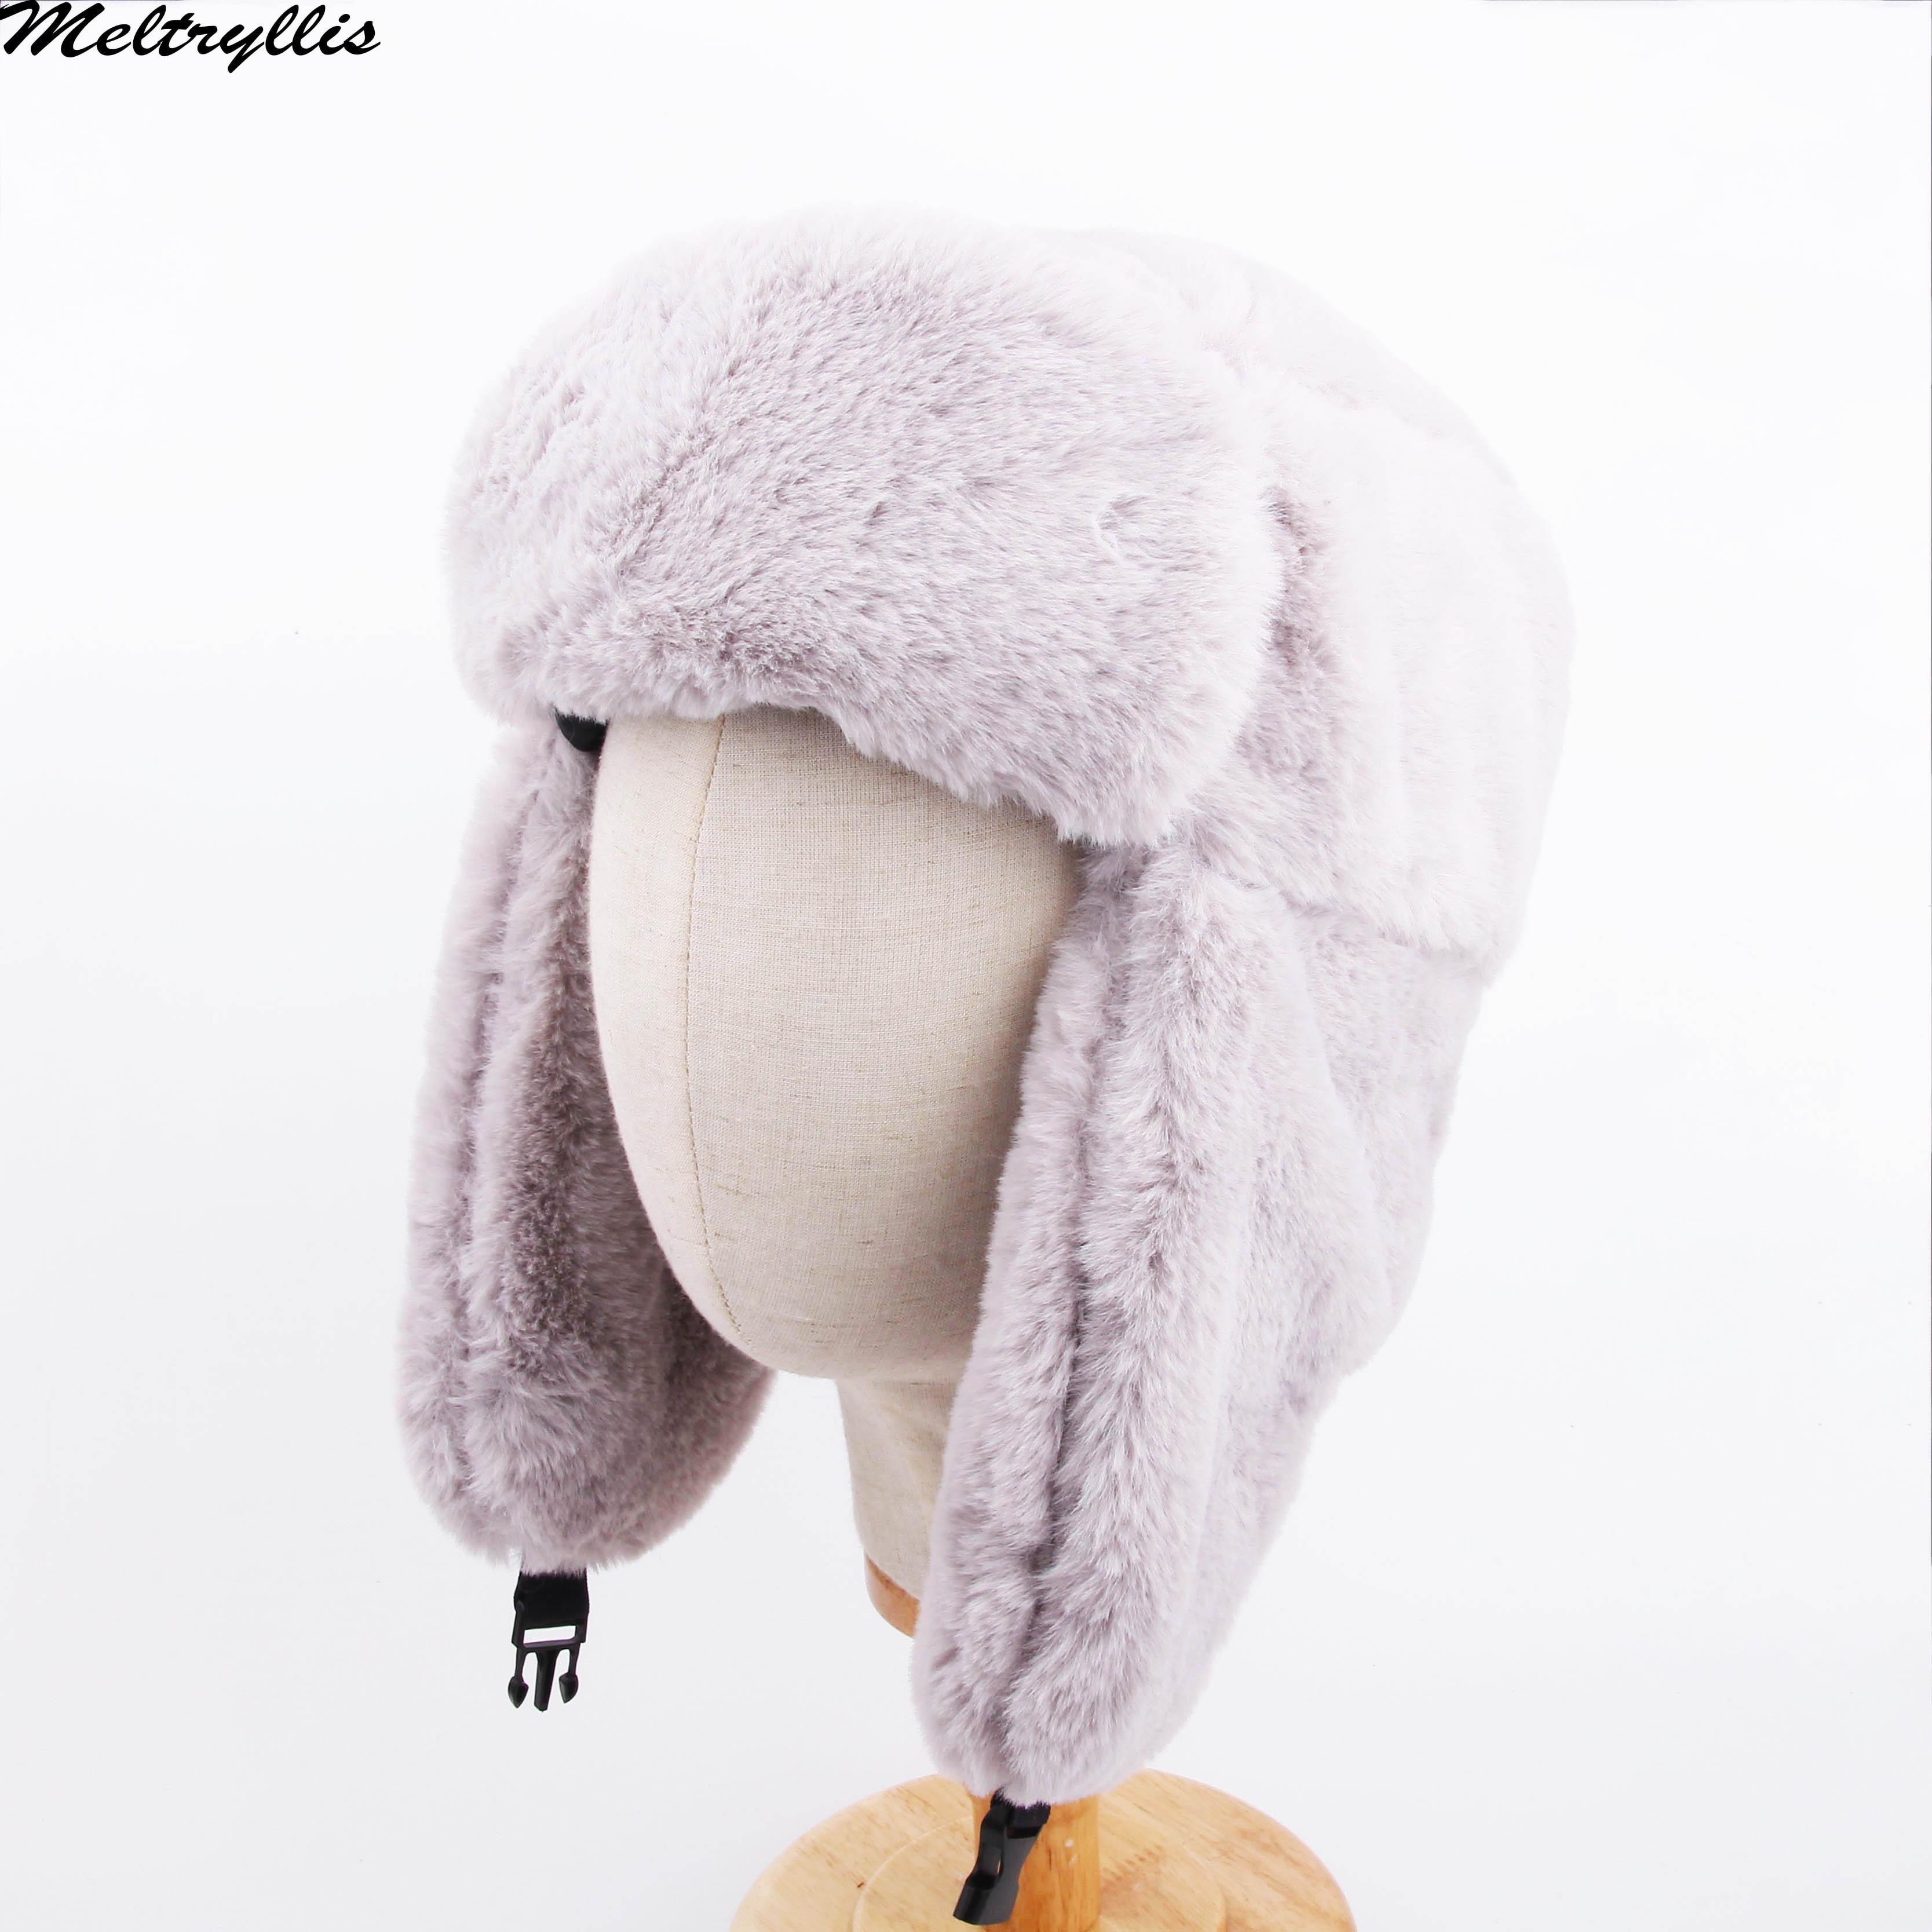 [Meltryllis] 겨울 스키 모자 따뜻한 귀마개 남성과 여성을위한 두꺼운 귀마개 모자 faux fur lei feng cap 러시아 폭탄 모자